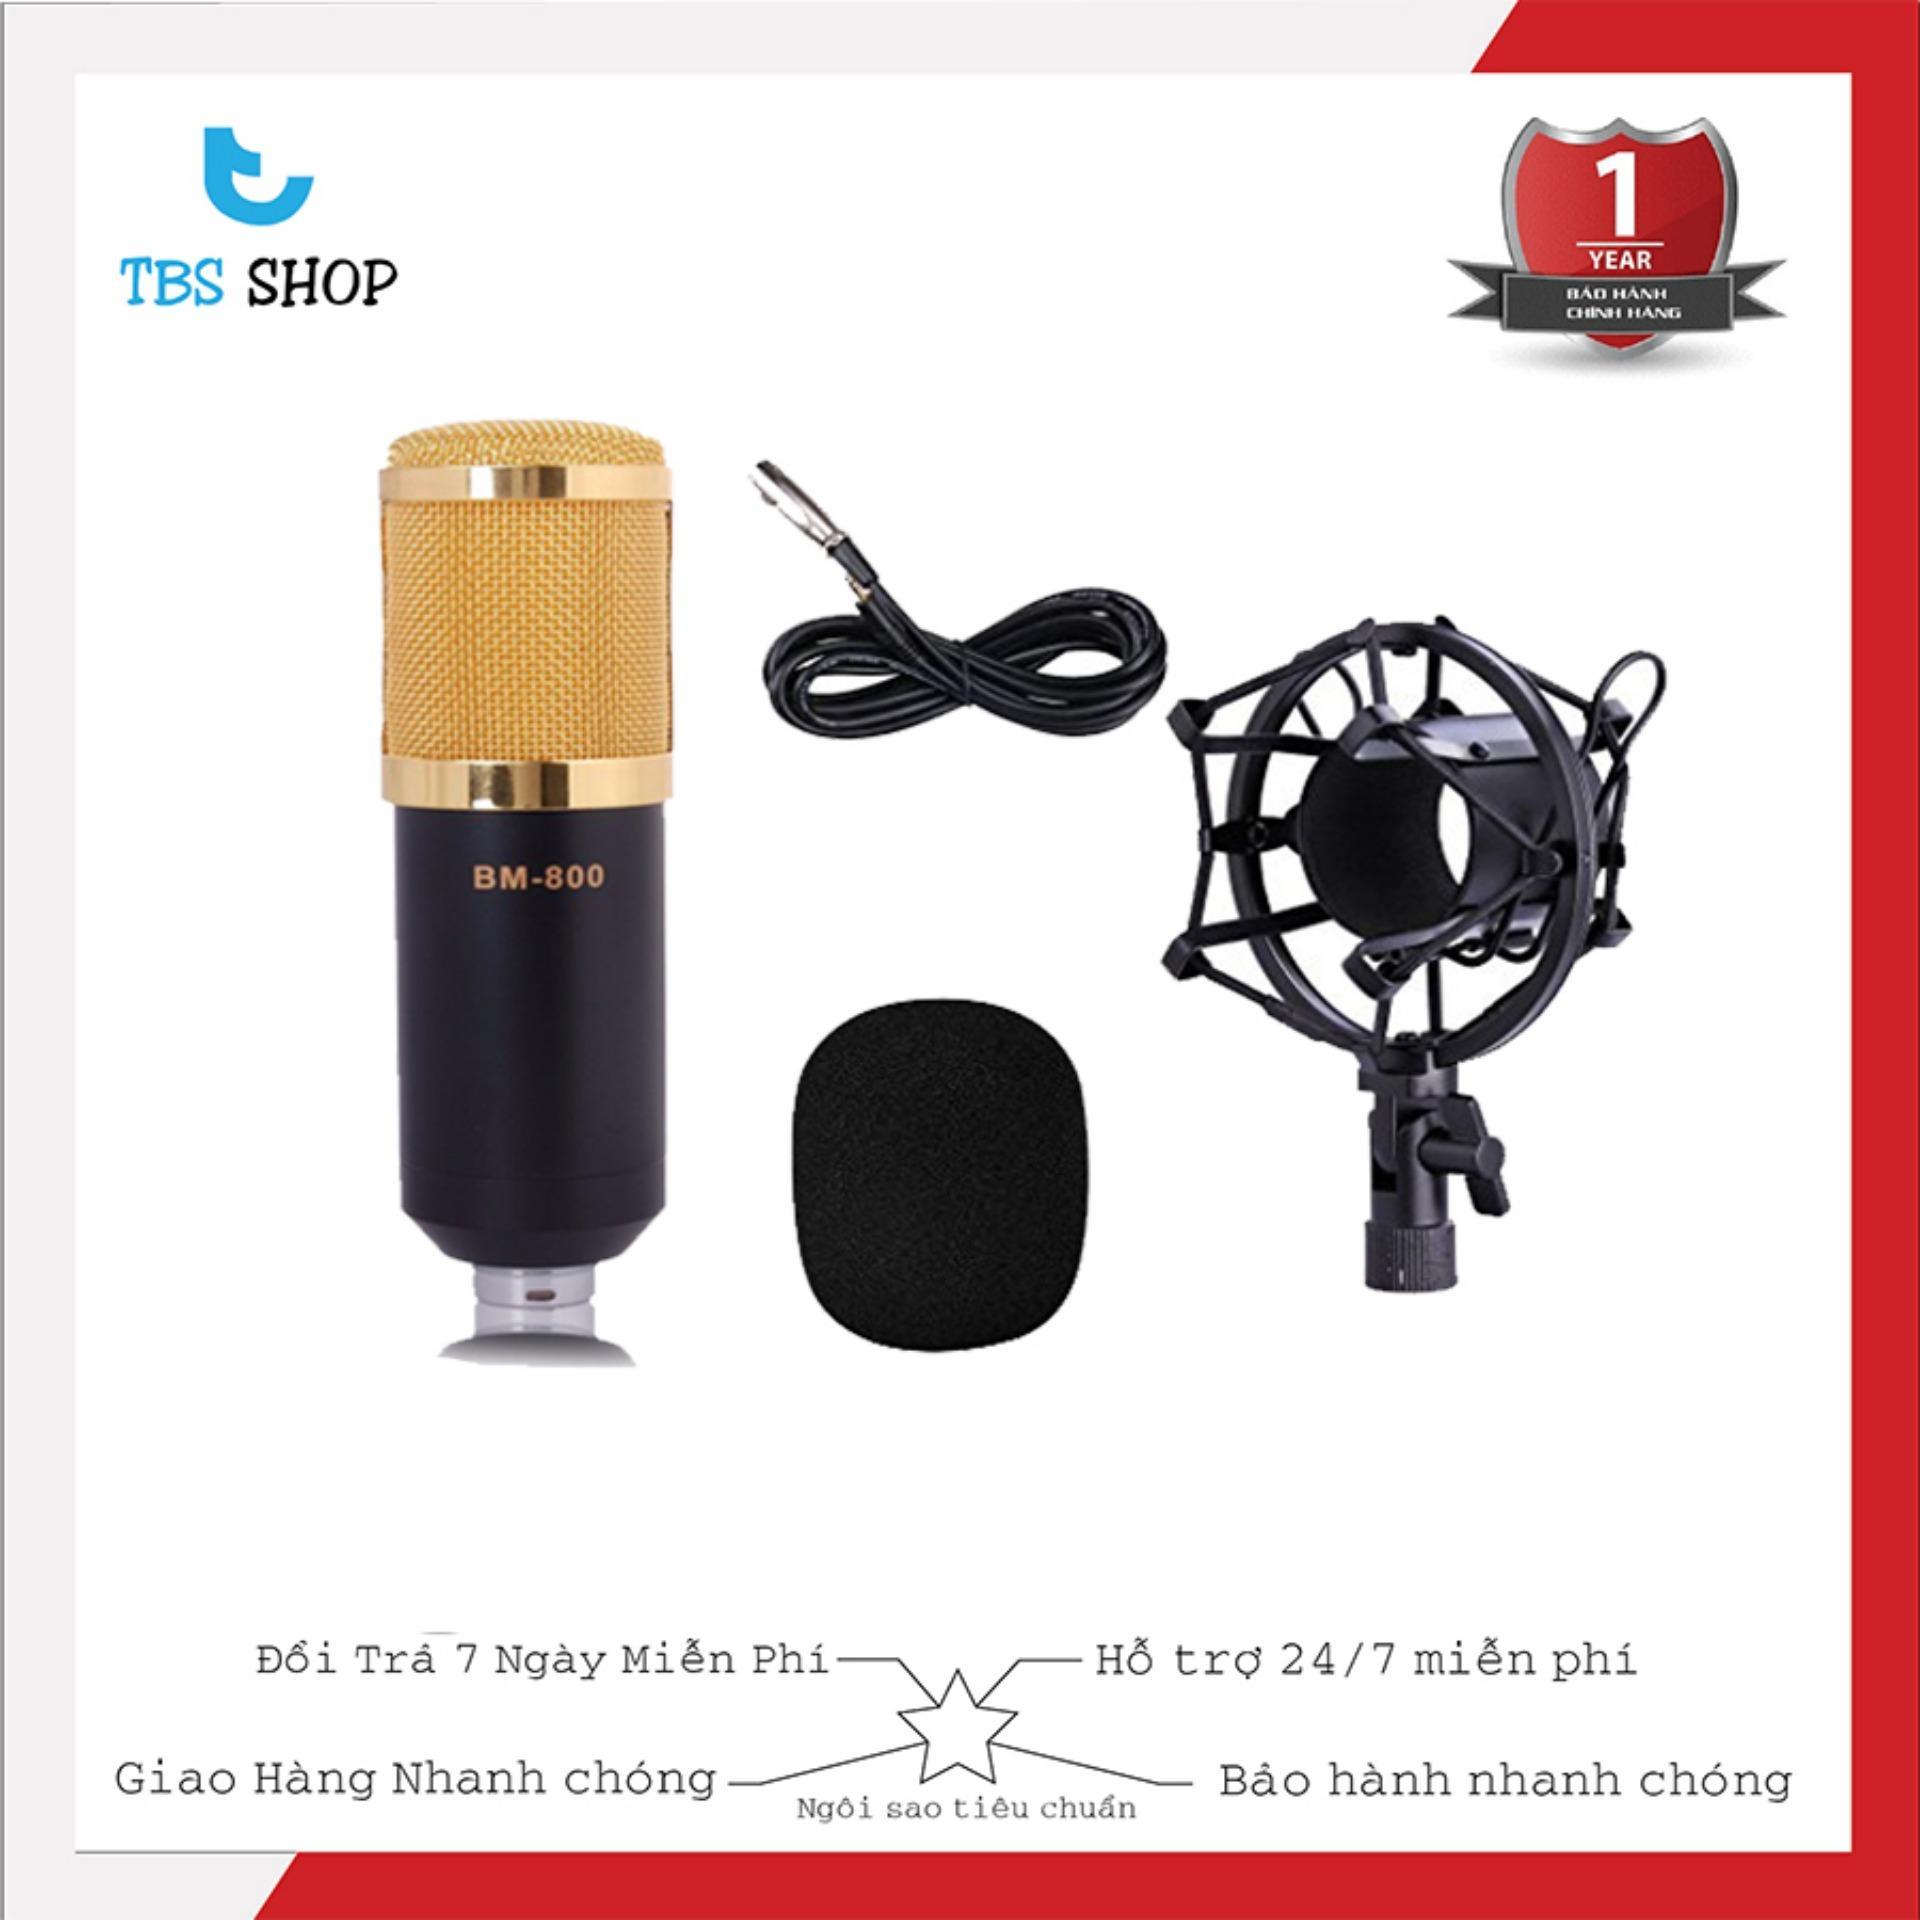 Hình ảnh Micro Thu Âm Bm800 Giá Rẻ, Hát Karaoke